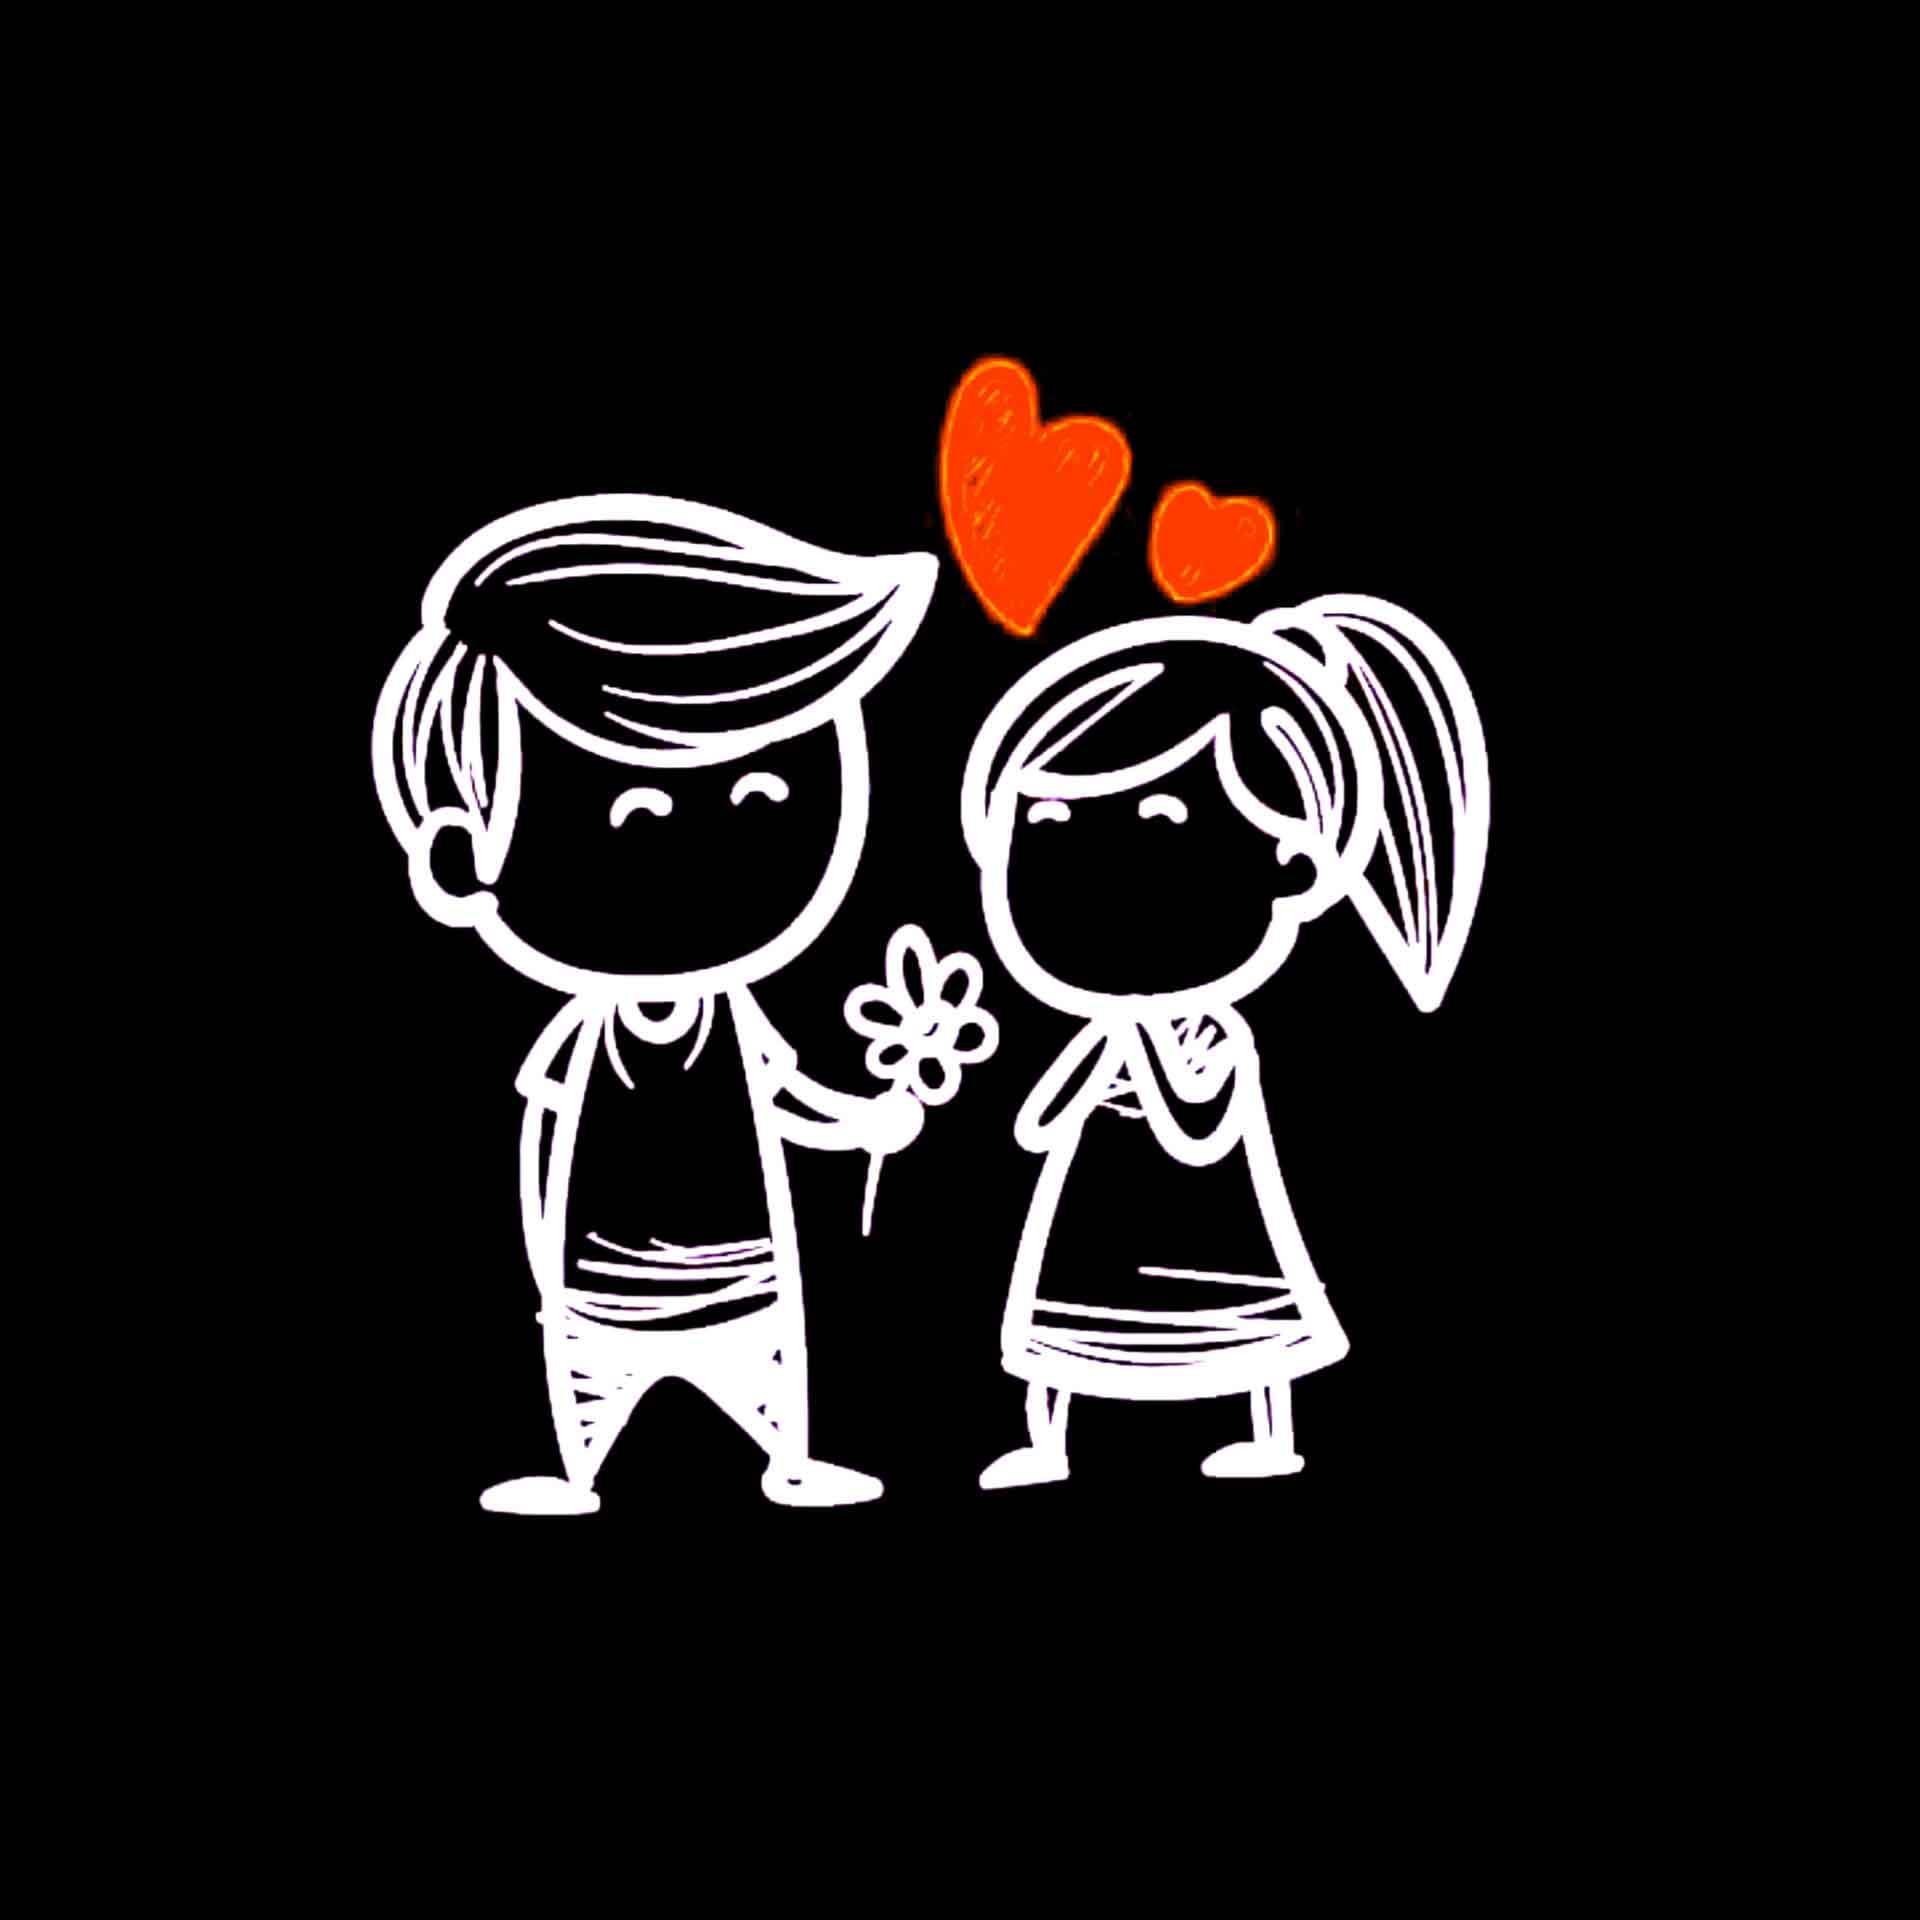 cute lover 4k Whatsapp dp hd